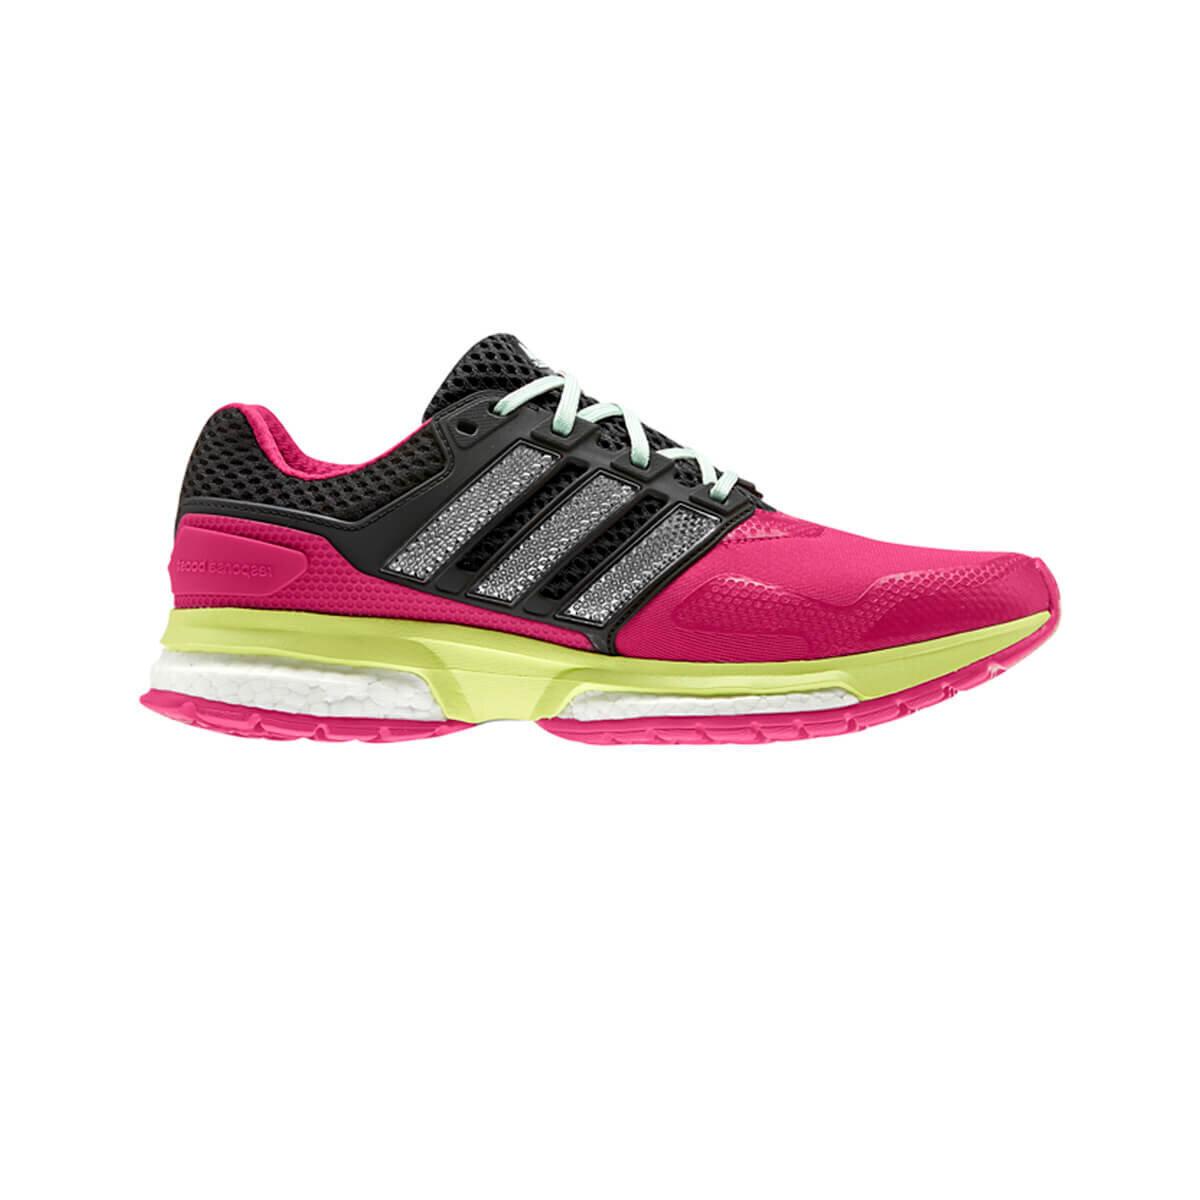 Koyu Pembe Kadın Koşu Ayakkabısı RESPONSE BOOST 2